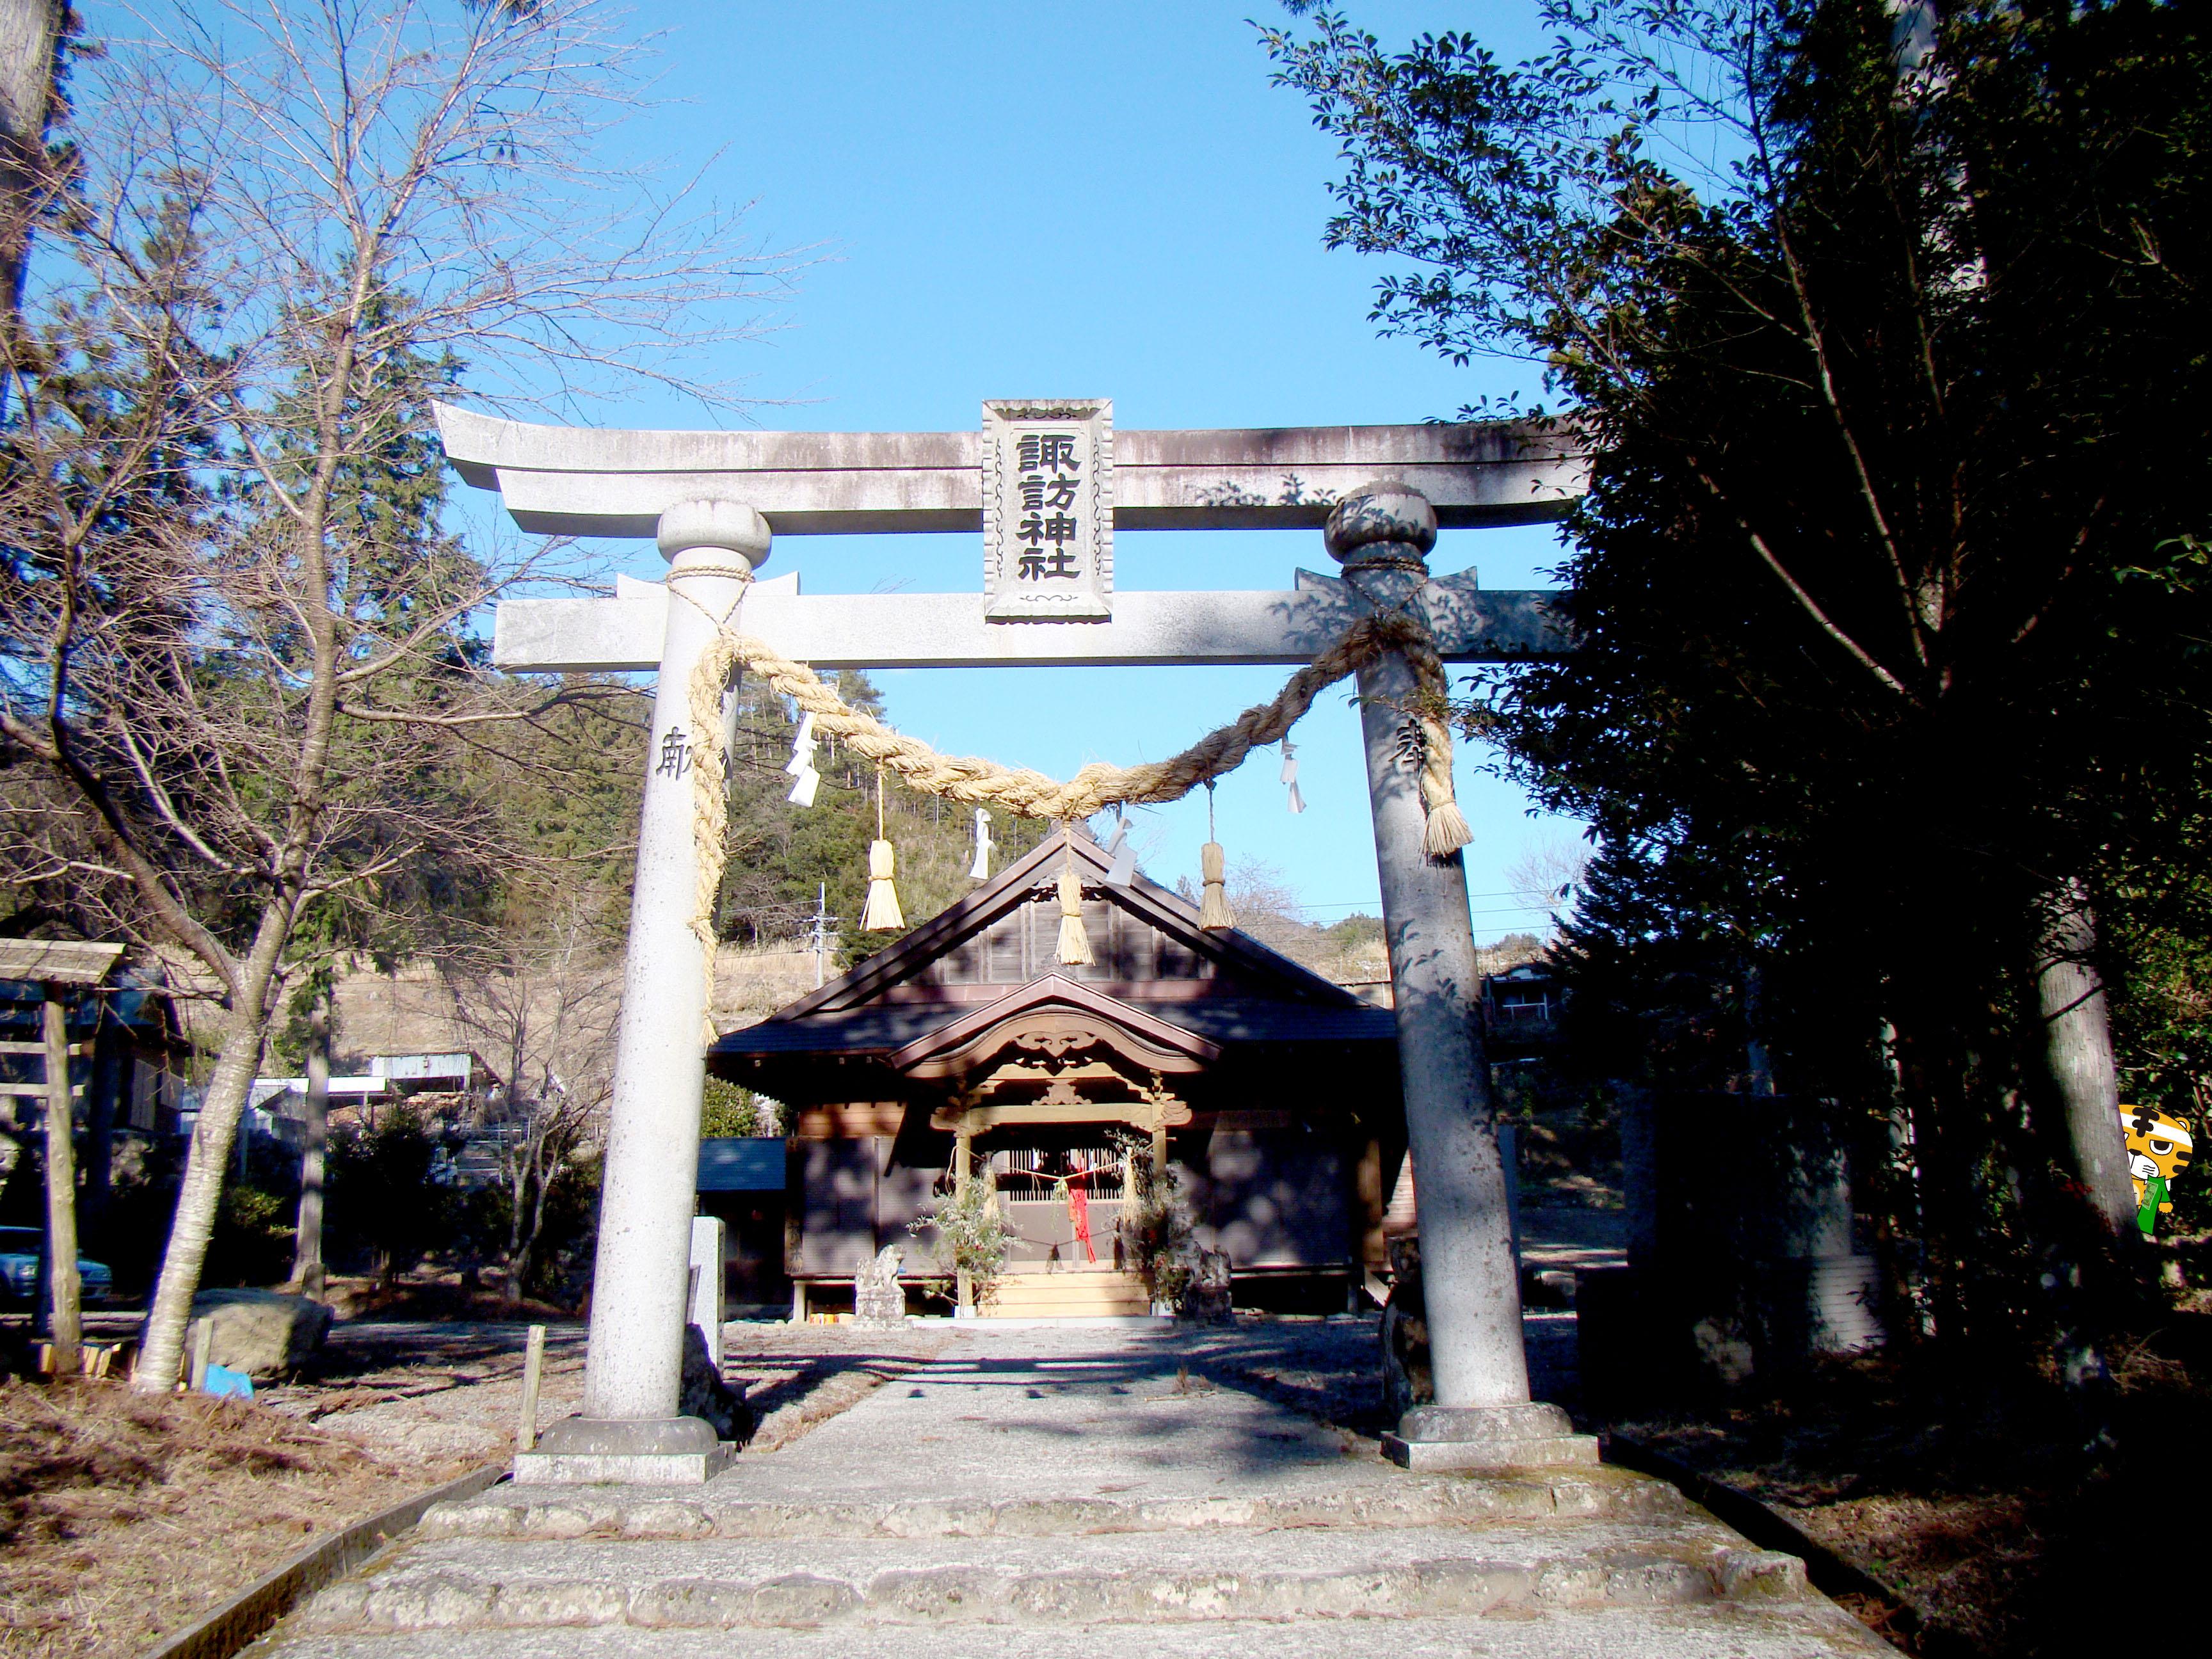 諏訪神社inトラ太郎